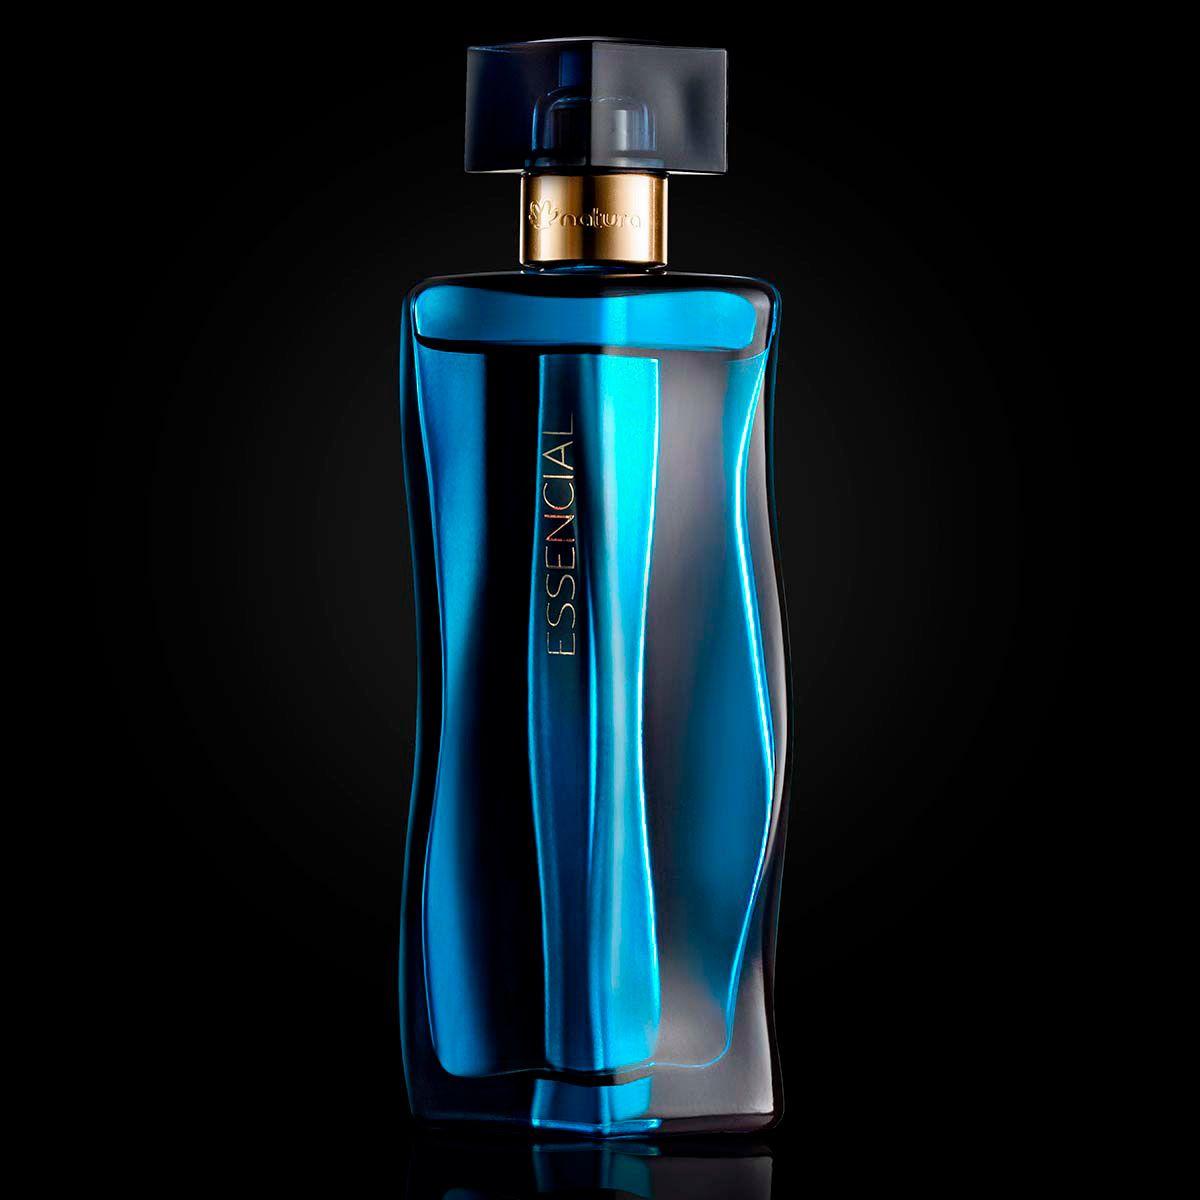 b6e28f5d2 Essencial Oud Feminino A fragrância é o primeiro perfume amadeirado intenso  da perfumaria feminina Natura e convida a uma viagem ao Oriente e suas  riquezas ...